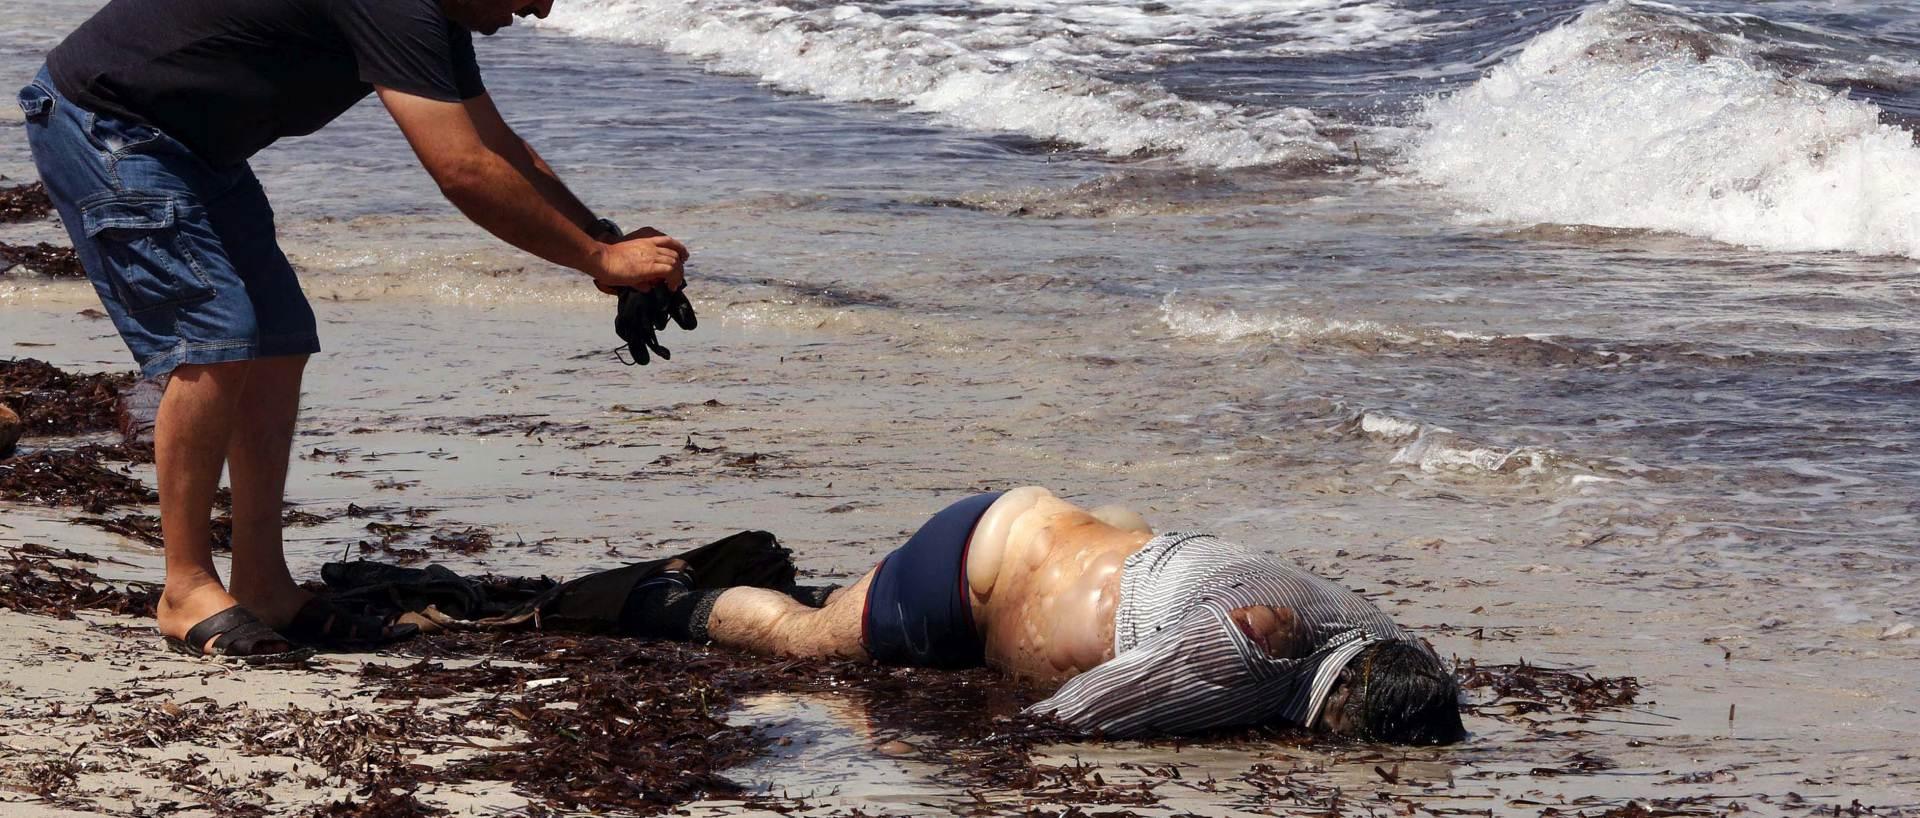 TRAGEDIJA ZA TRAGEDIJOM: U potonuću broda kod libijske obale život izgubilo 37 migrantima